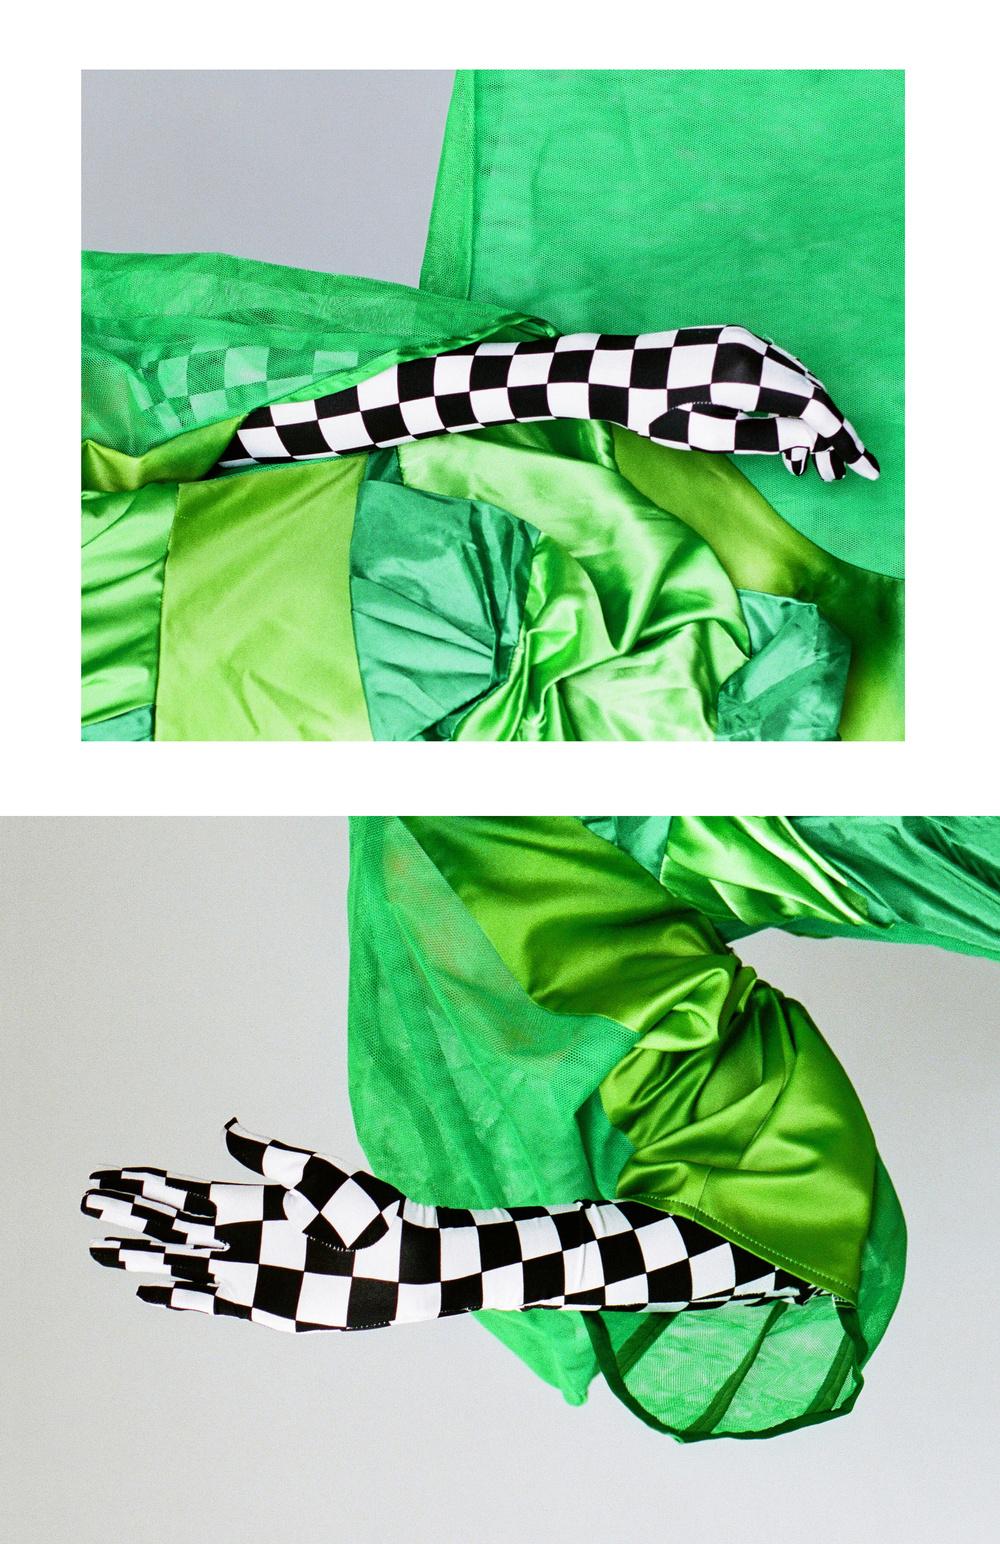 Green-Hands-1.jpg